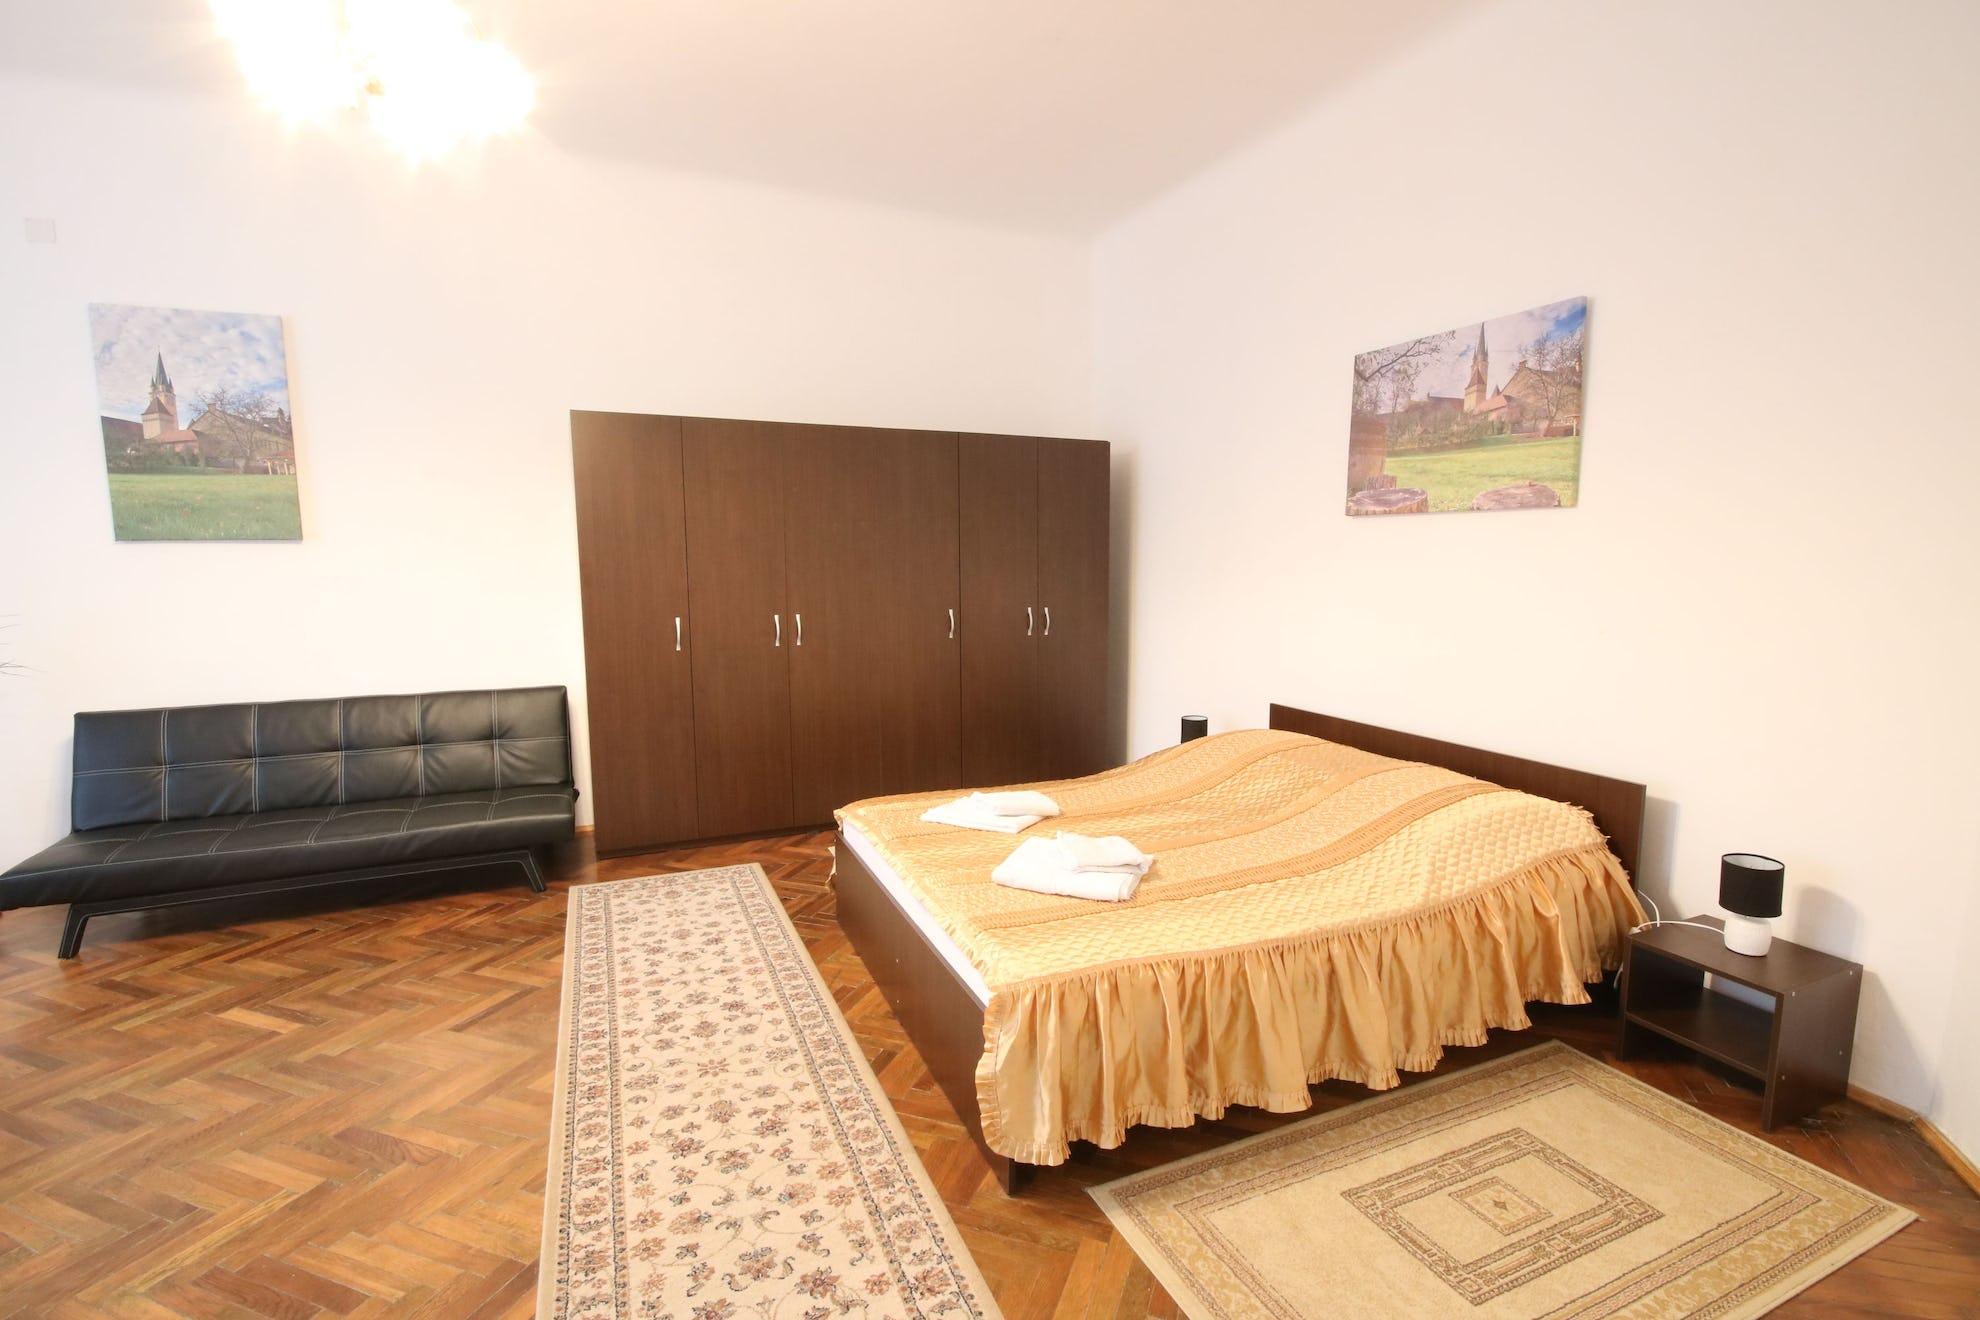 Cameră cu pat dublu și canapea extensibilă